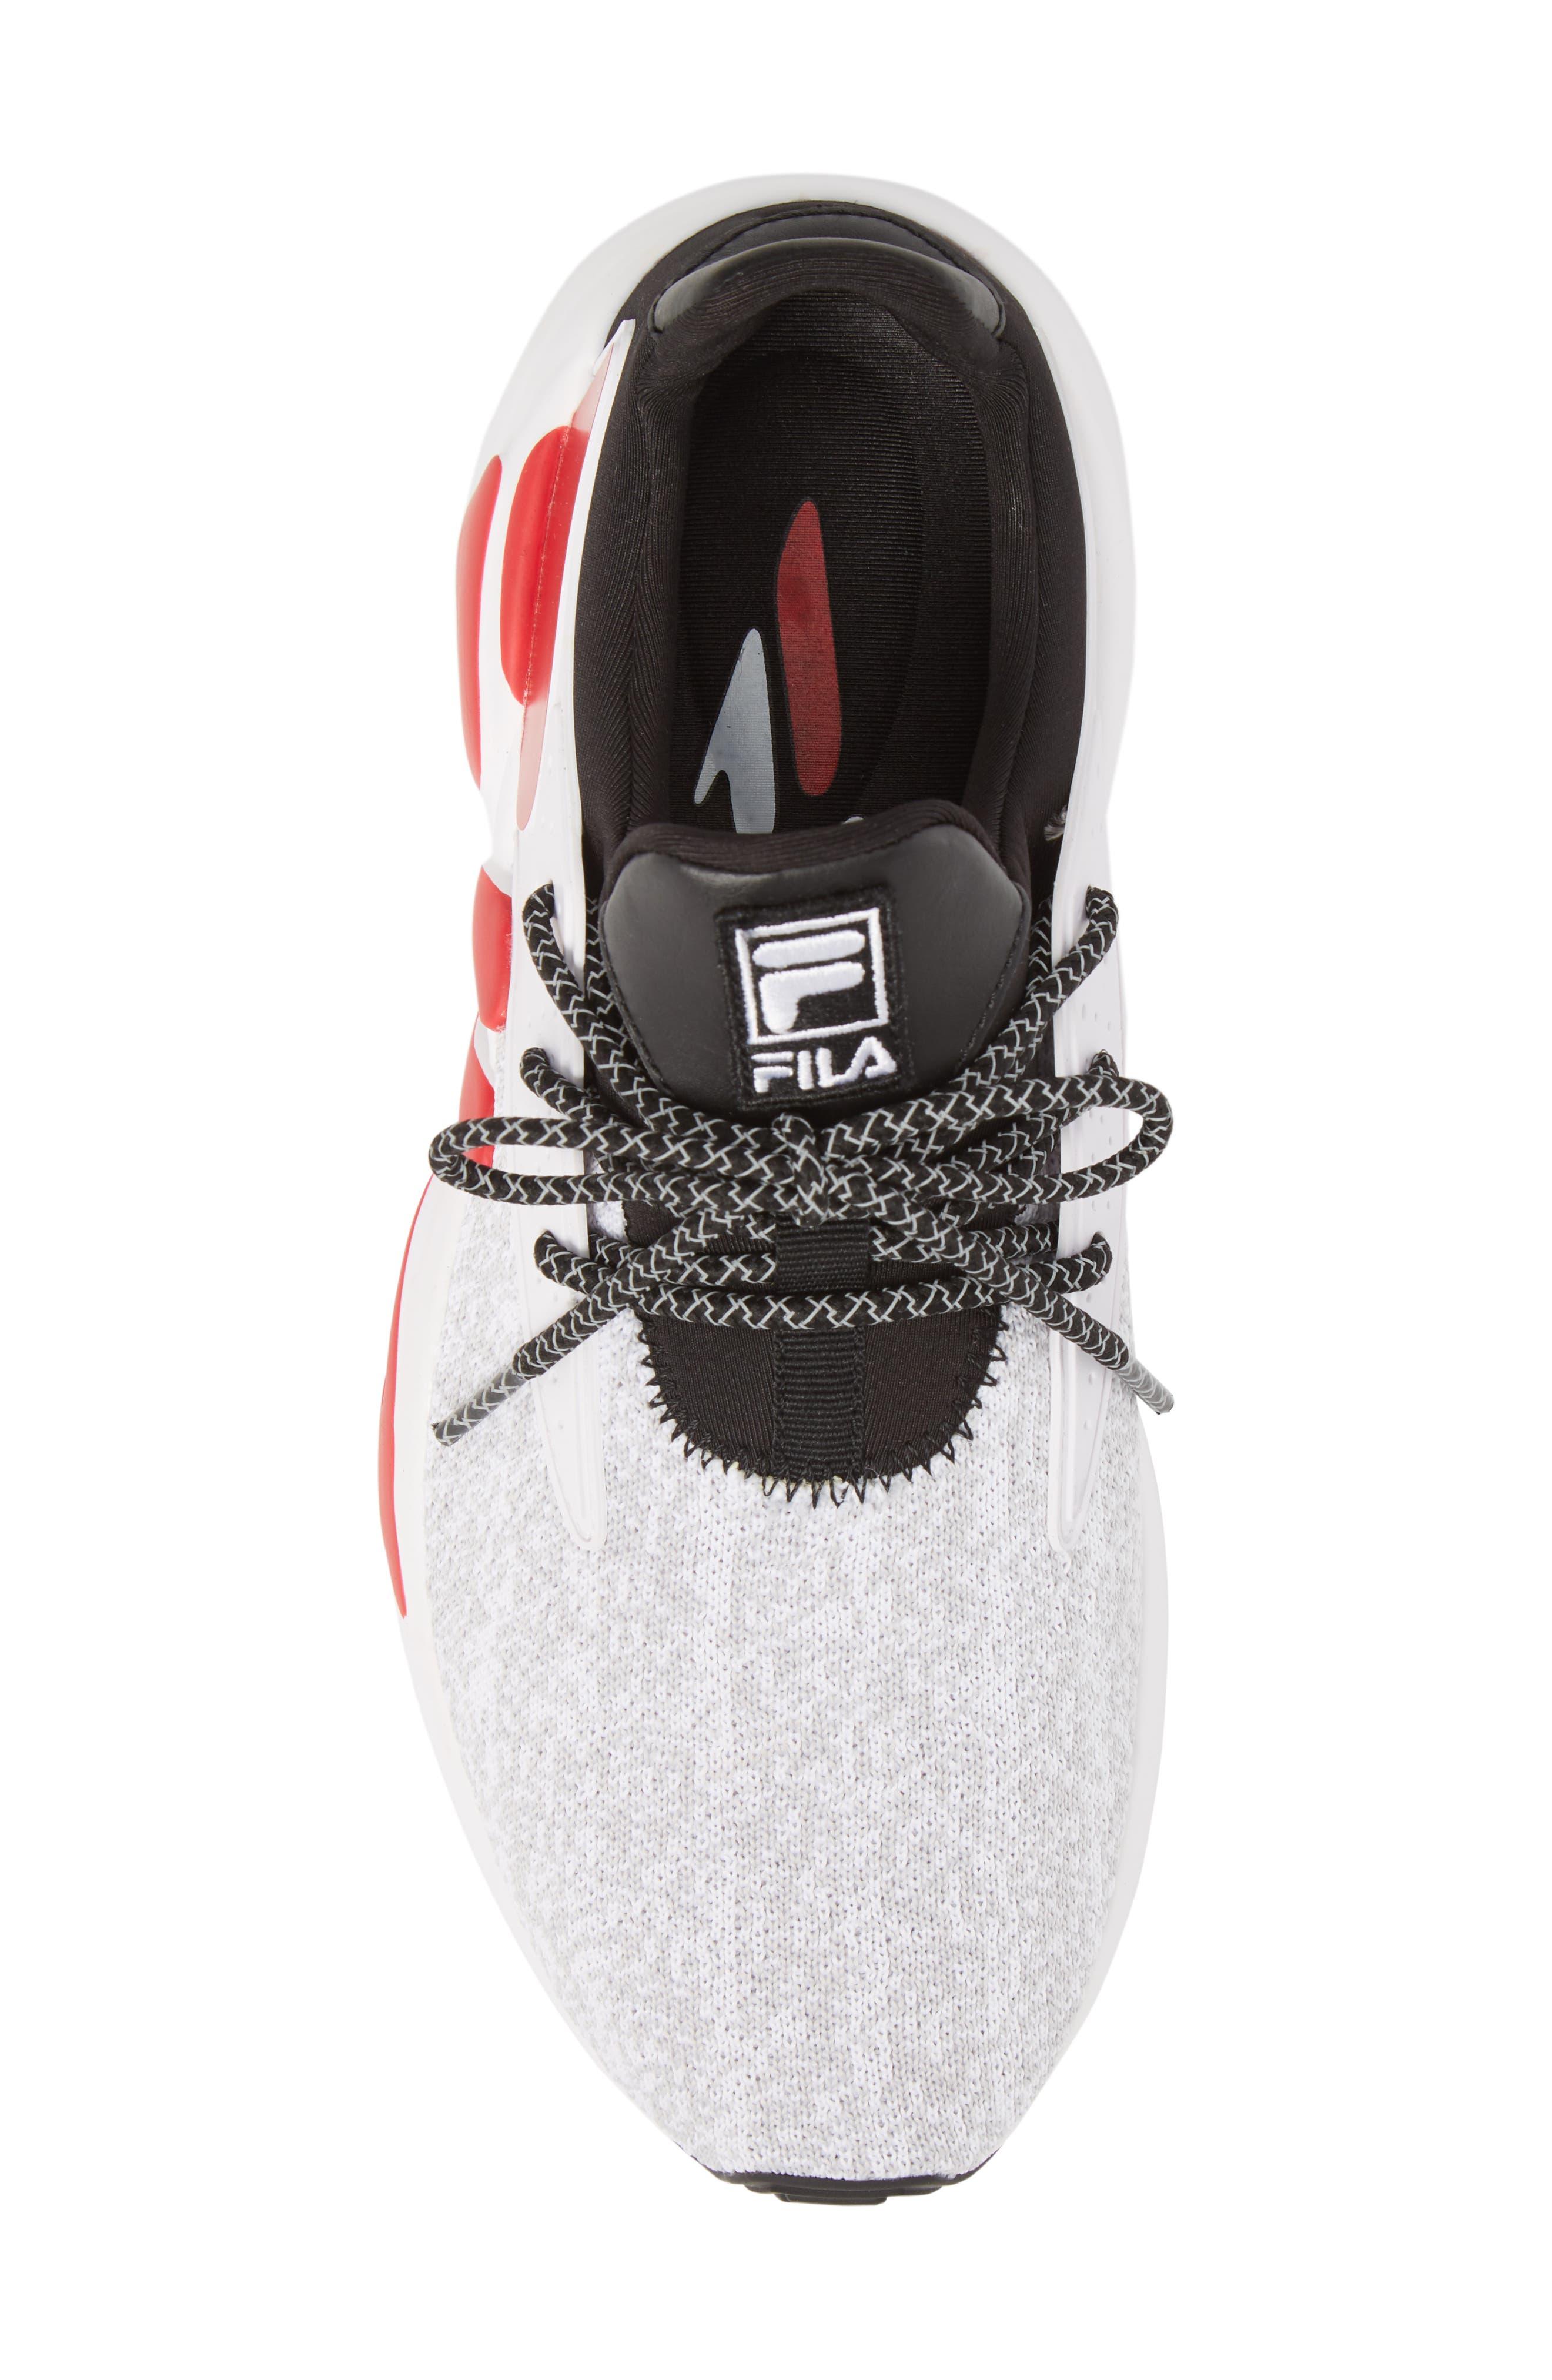 Mindbreaker 2.0 Sneaker,                             Alternate thumbnail 5, color,                             BLACK/ WHITE/ RED